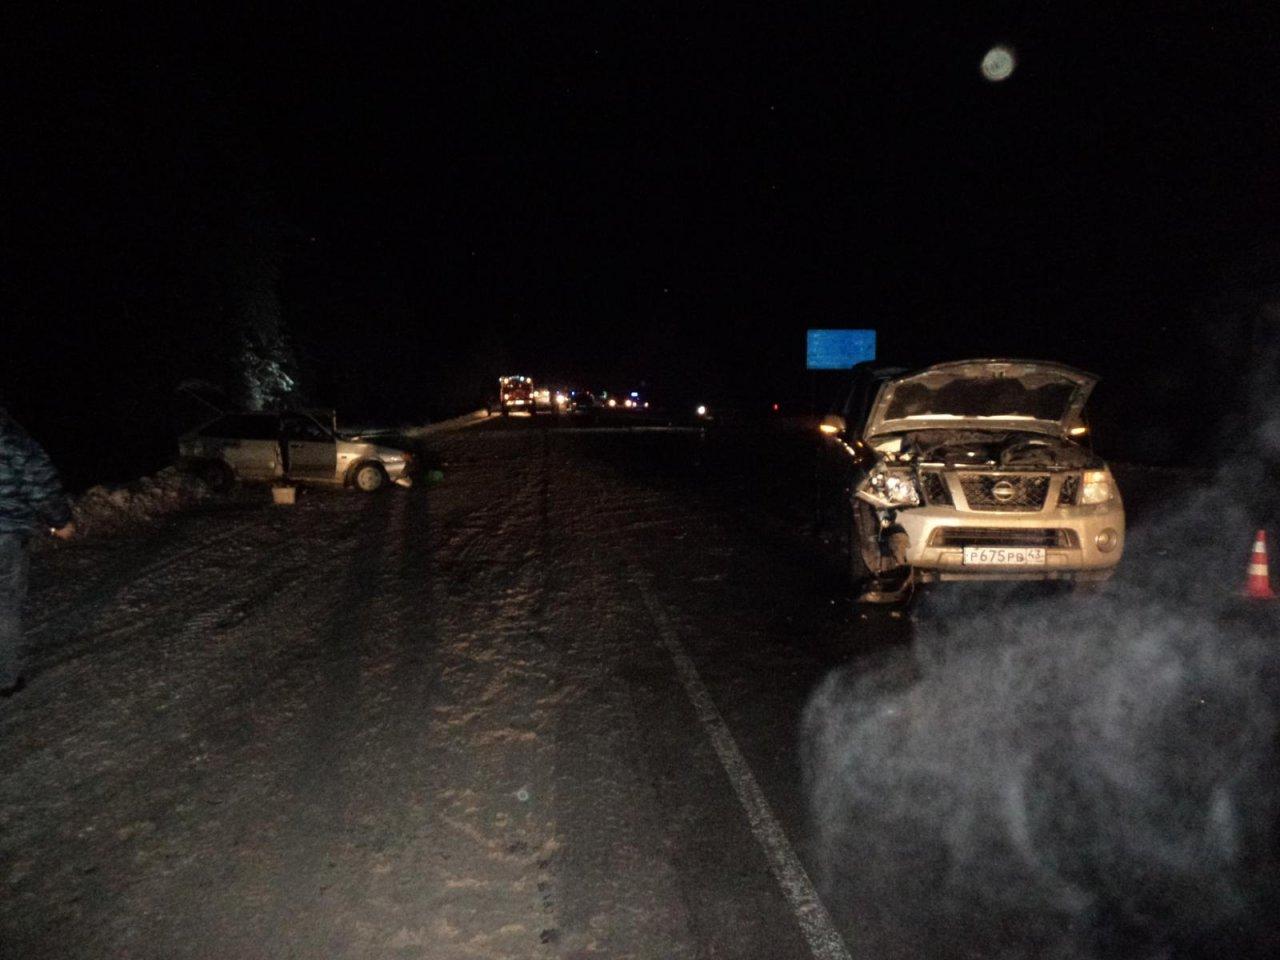 В Чепецком районе столкнулись три машины: есть погибшие